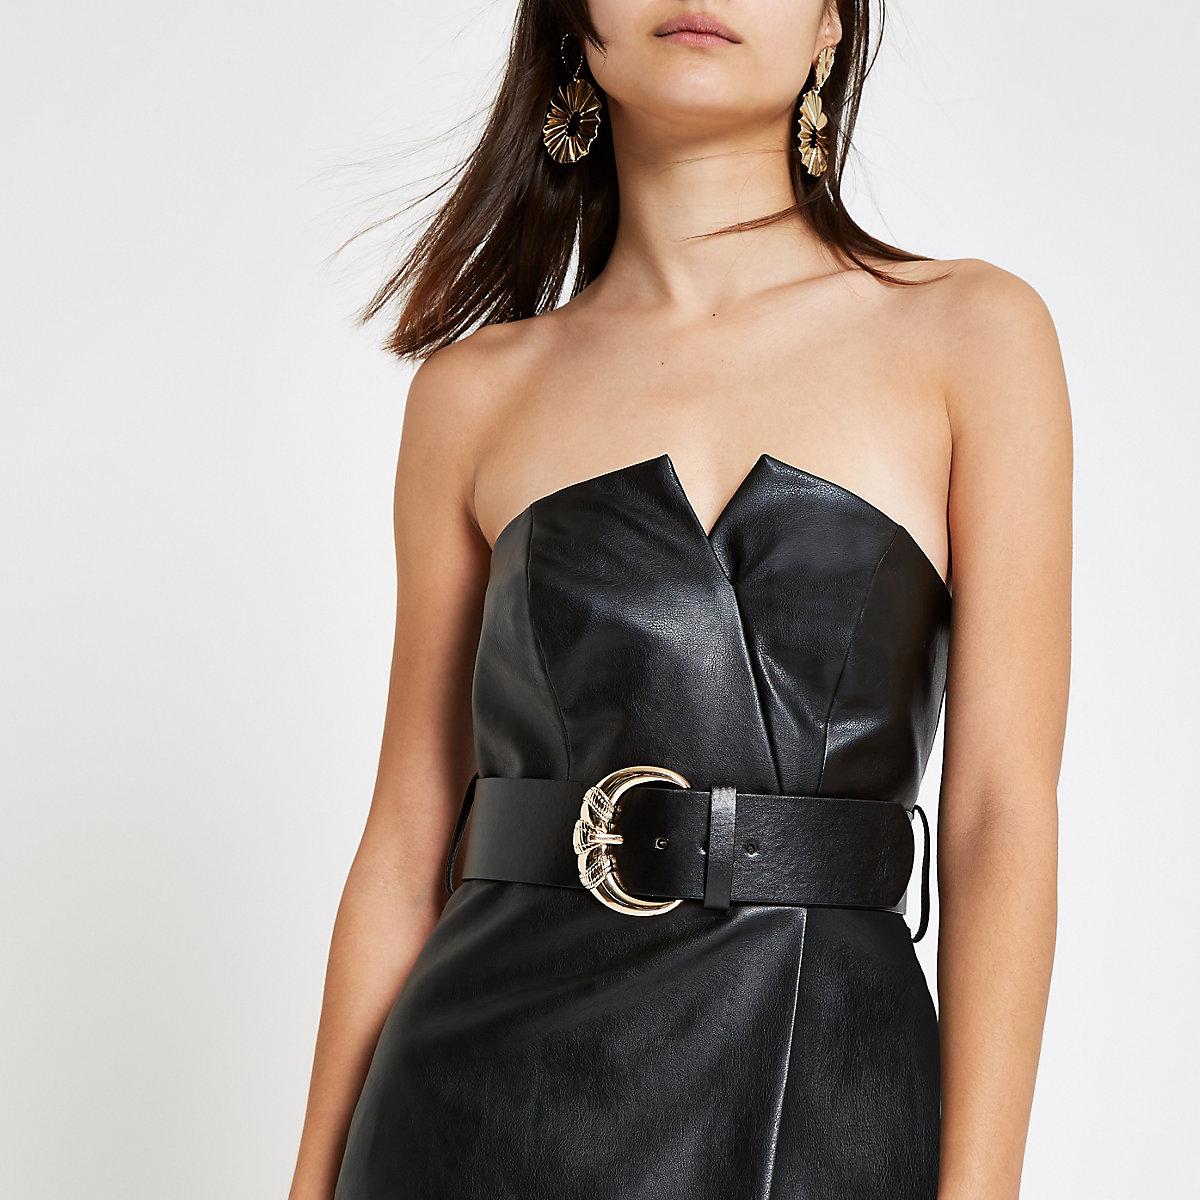 ce17777c80a0 Mini-robe moulante bandeau noire à ceinture - Robes moulantes ...